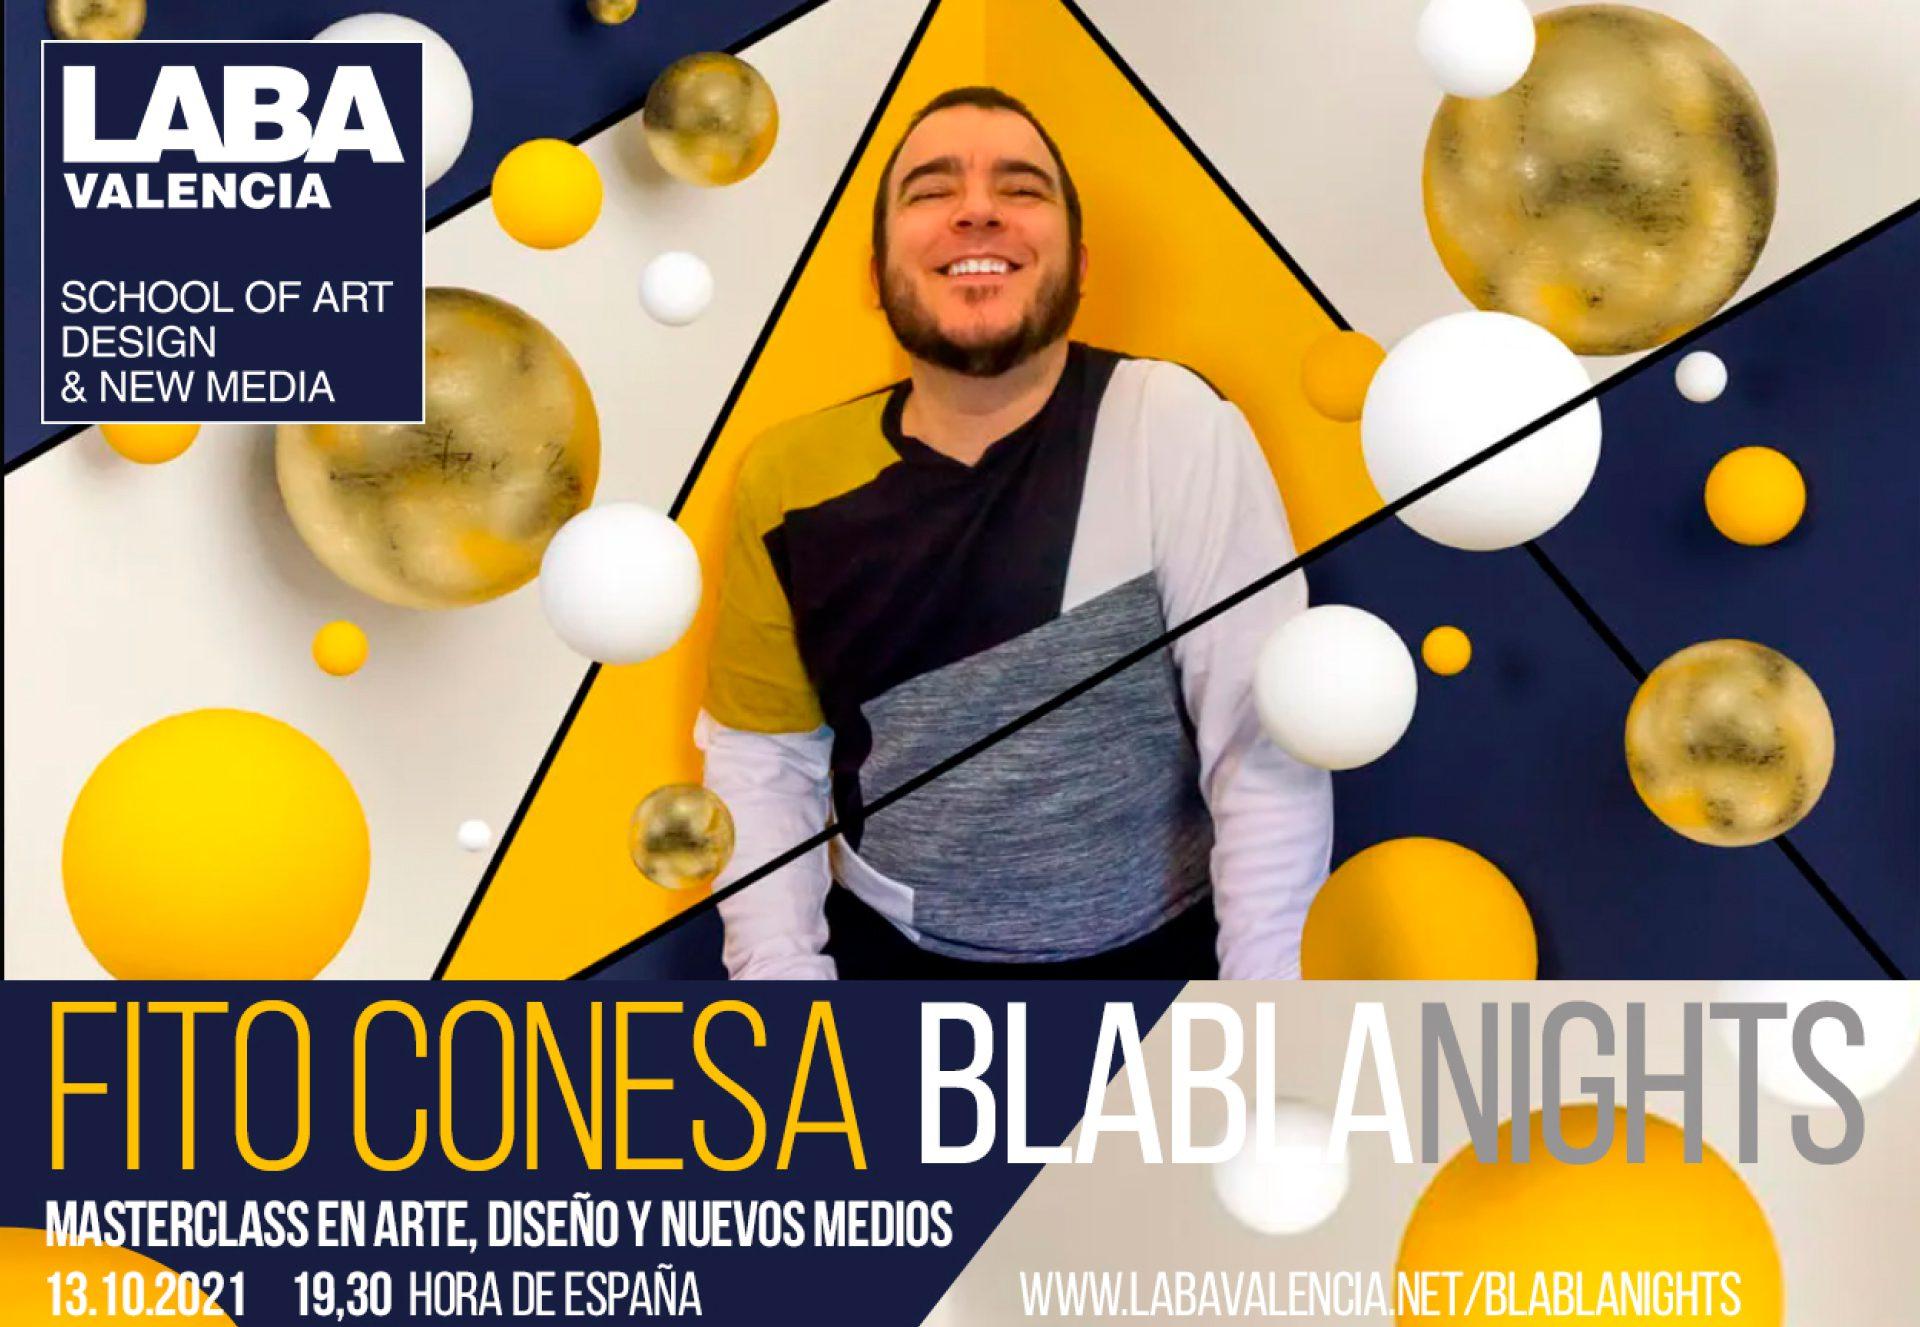 MASTERCLASS. BlablaNights con Fito Conesa